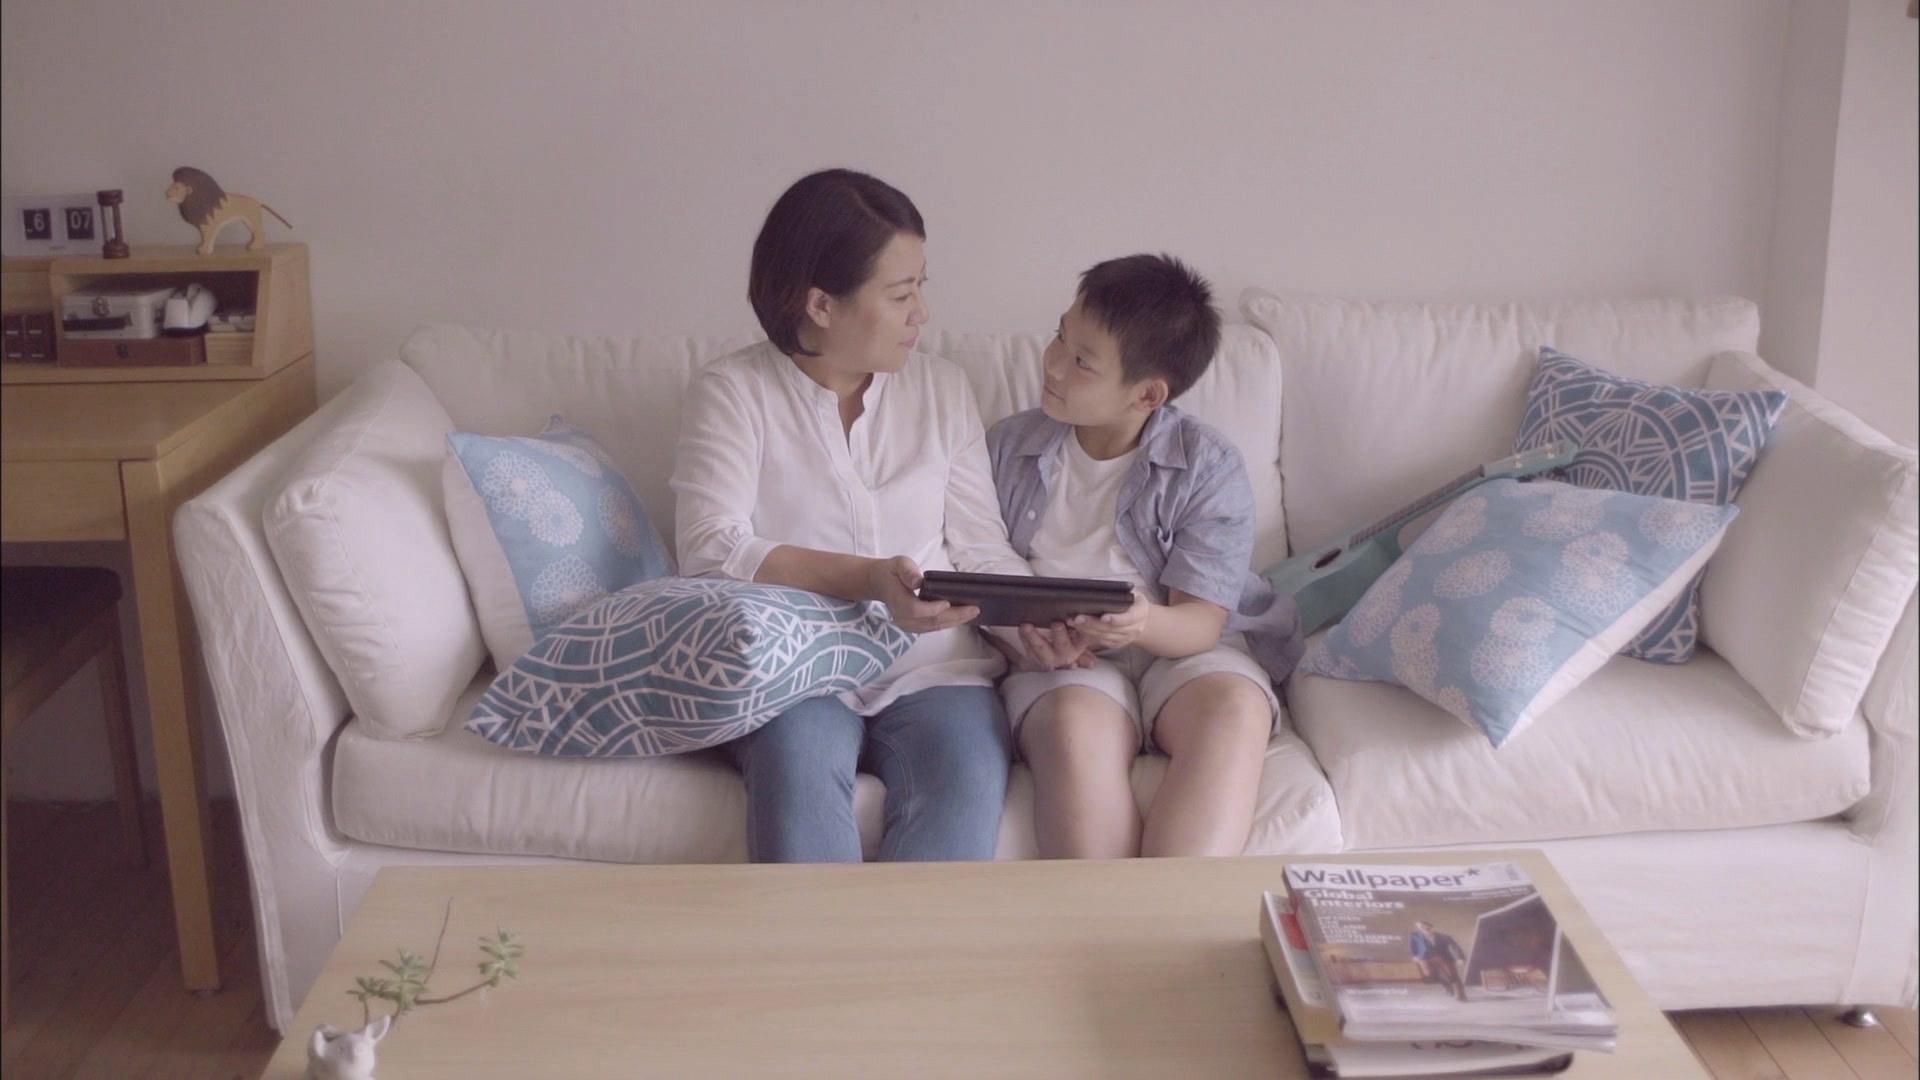 素人母子感動全片場 TutorABCJr首發電視廣告賺人熱淚